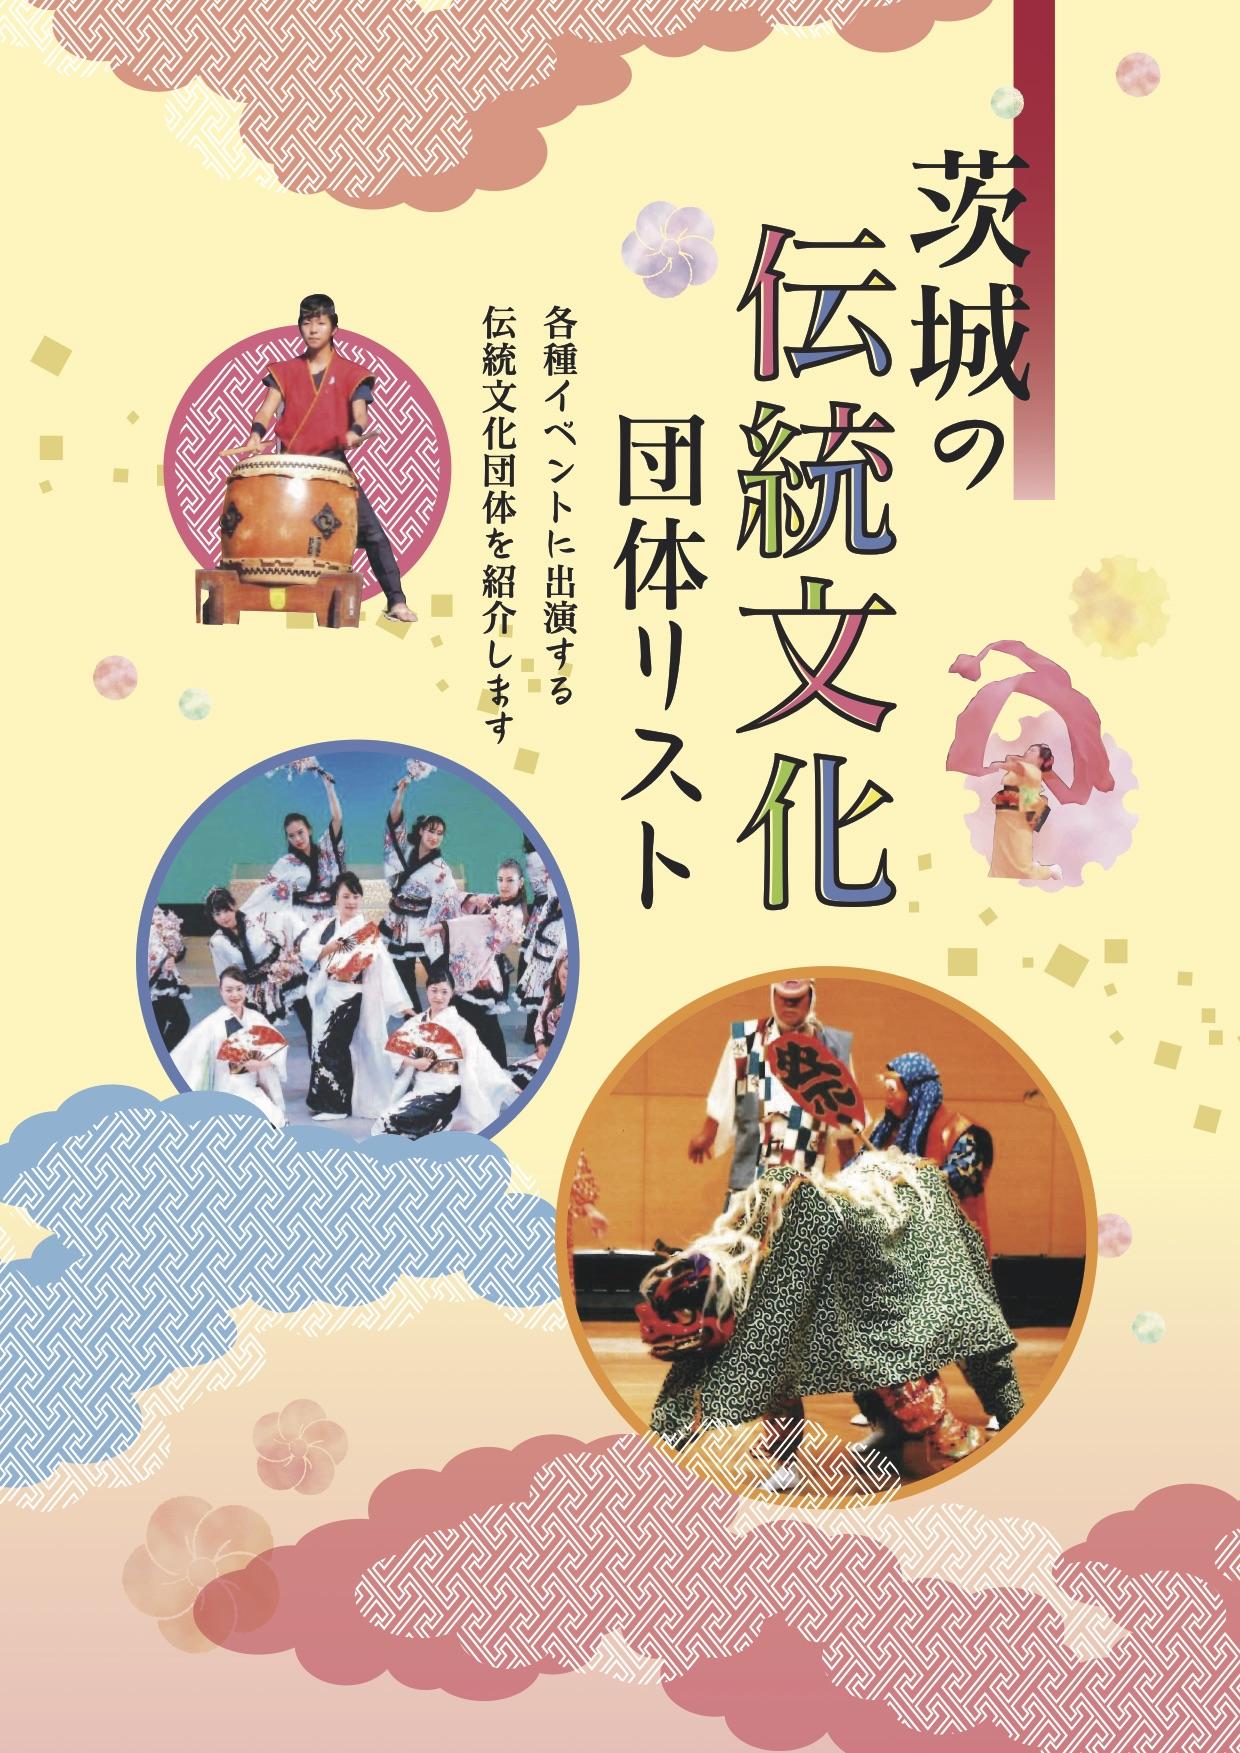 茨城の伝統文化団体リスト